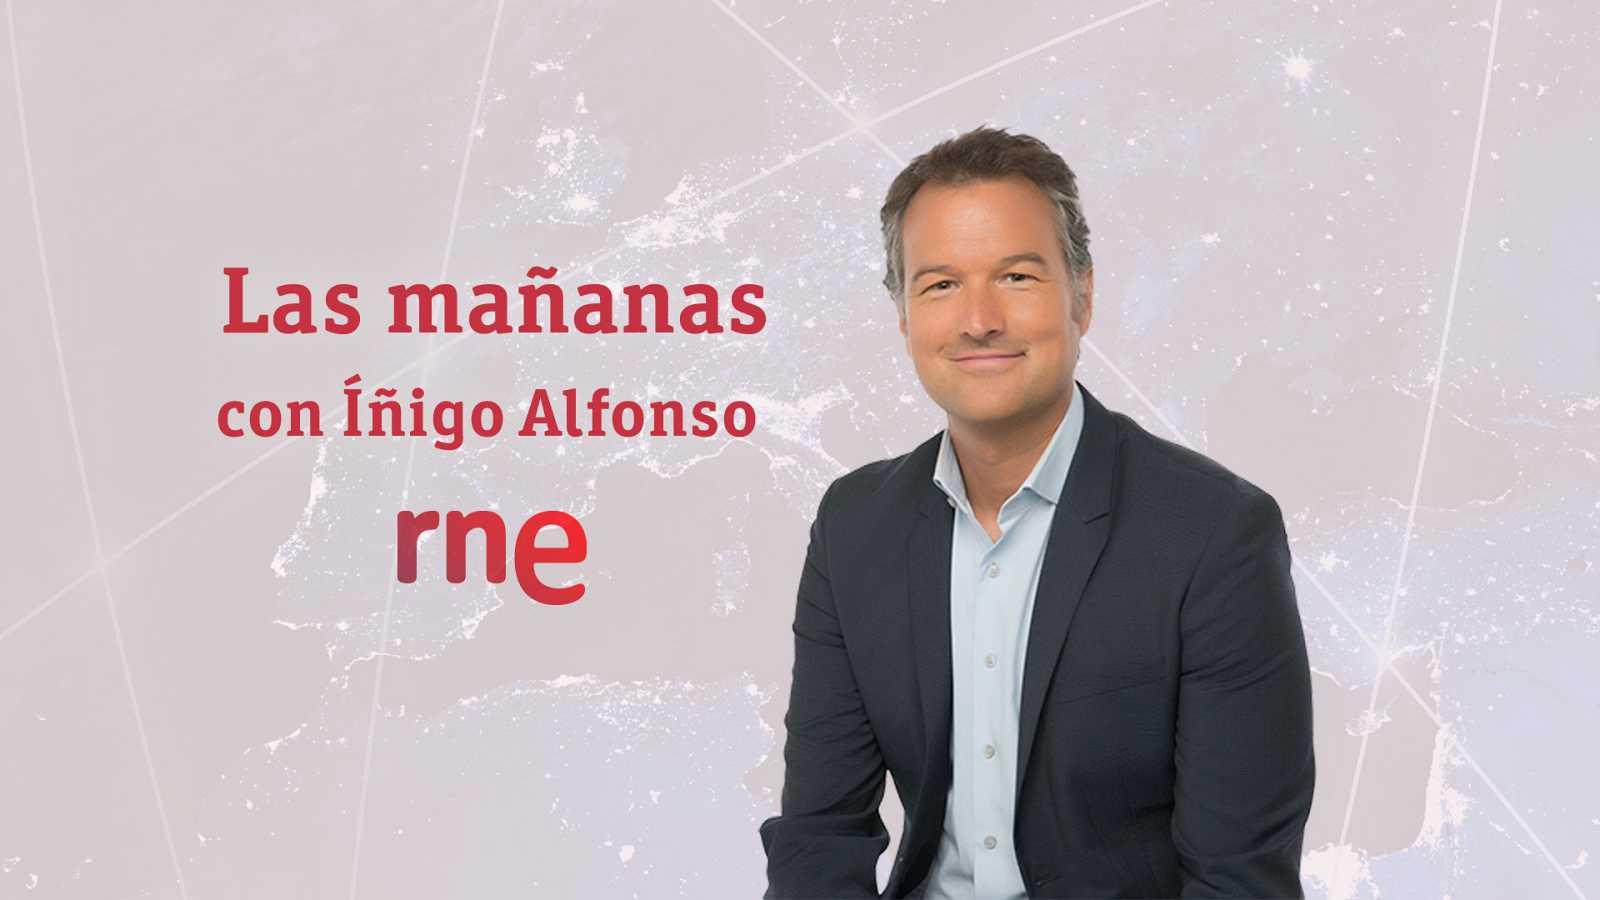 Las mañanas de RNE con Íñigo Alfonso - Segunda hora - 03/03/21 - escuchar ahora